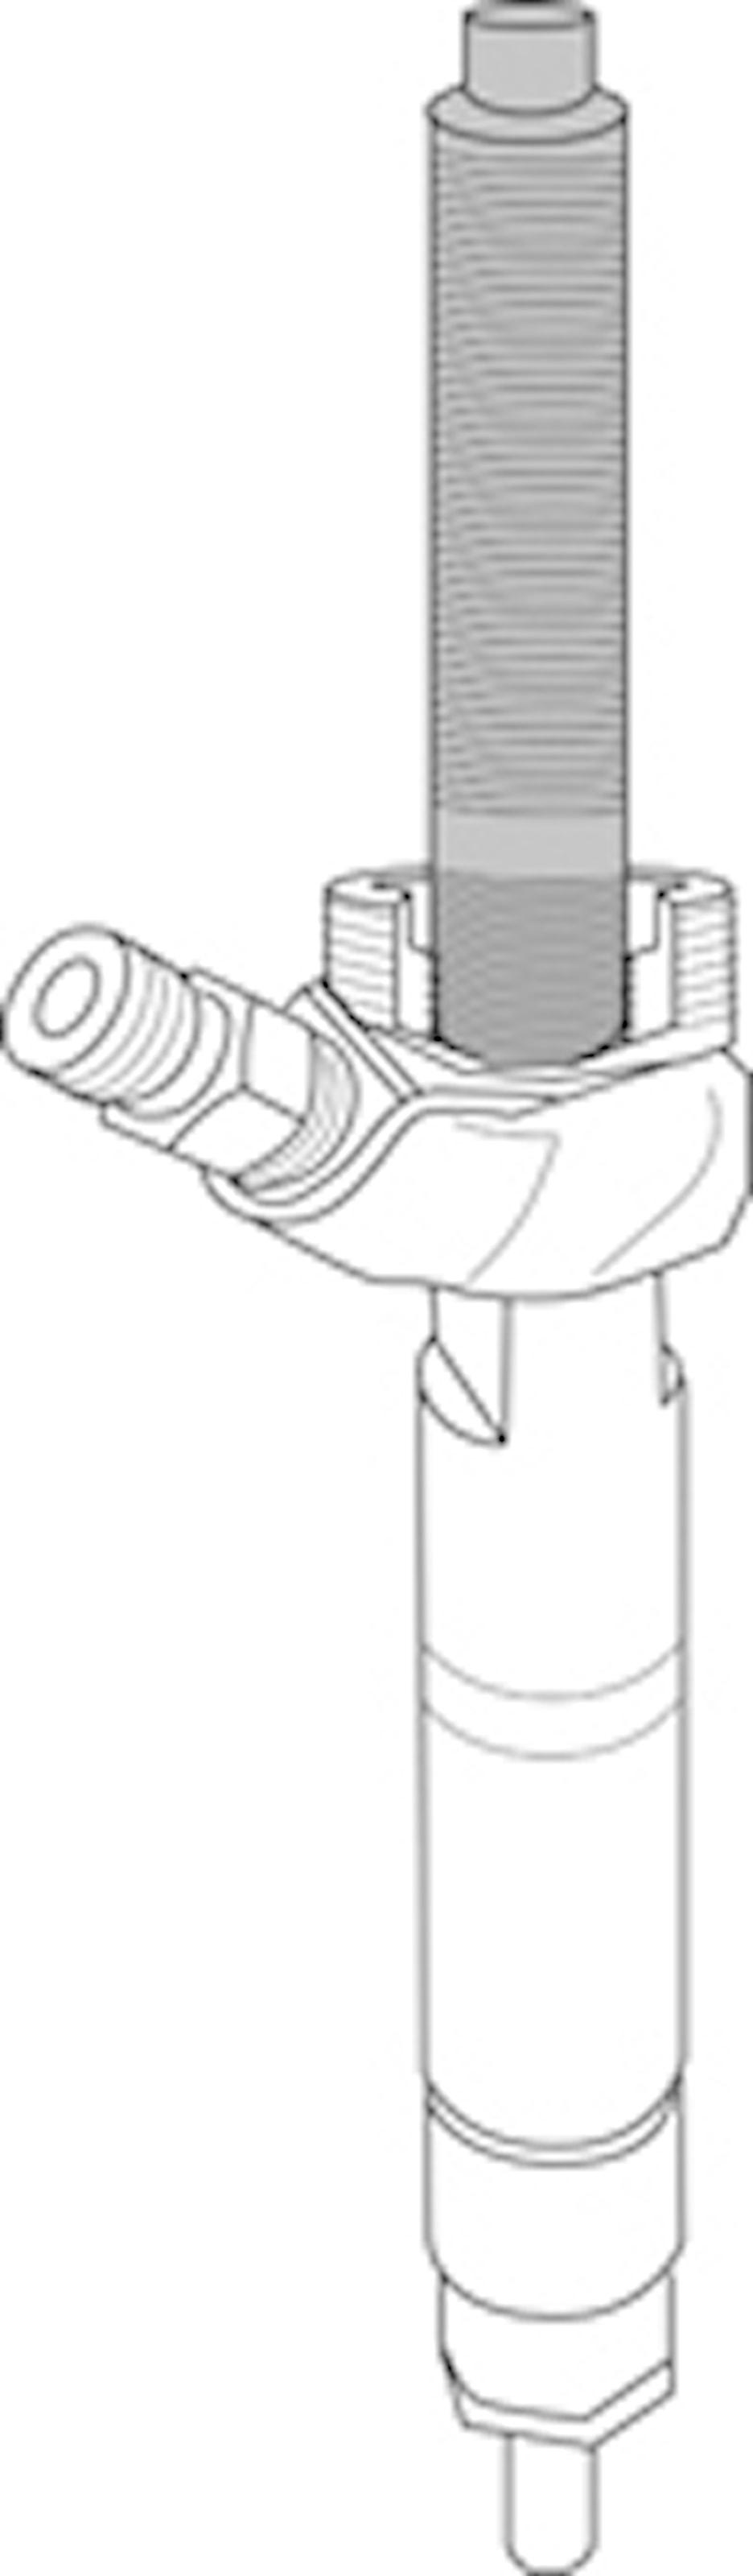 Dragspindel M18